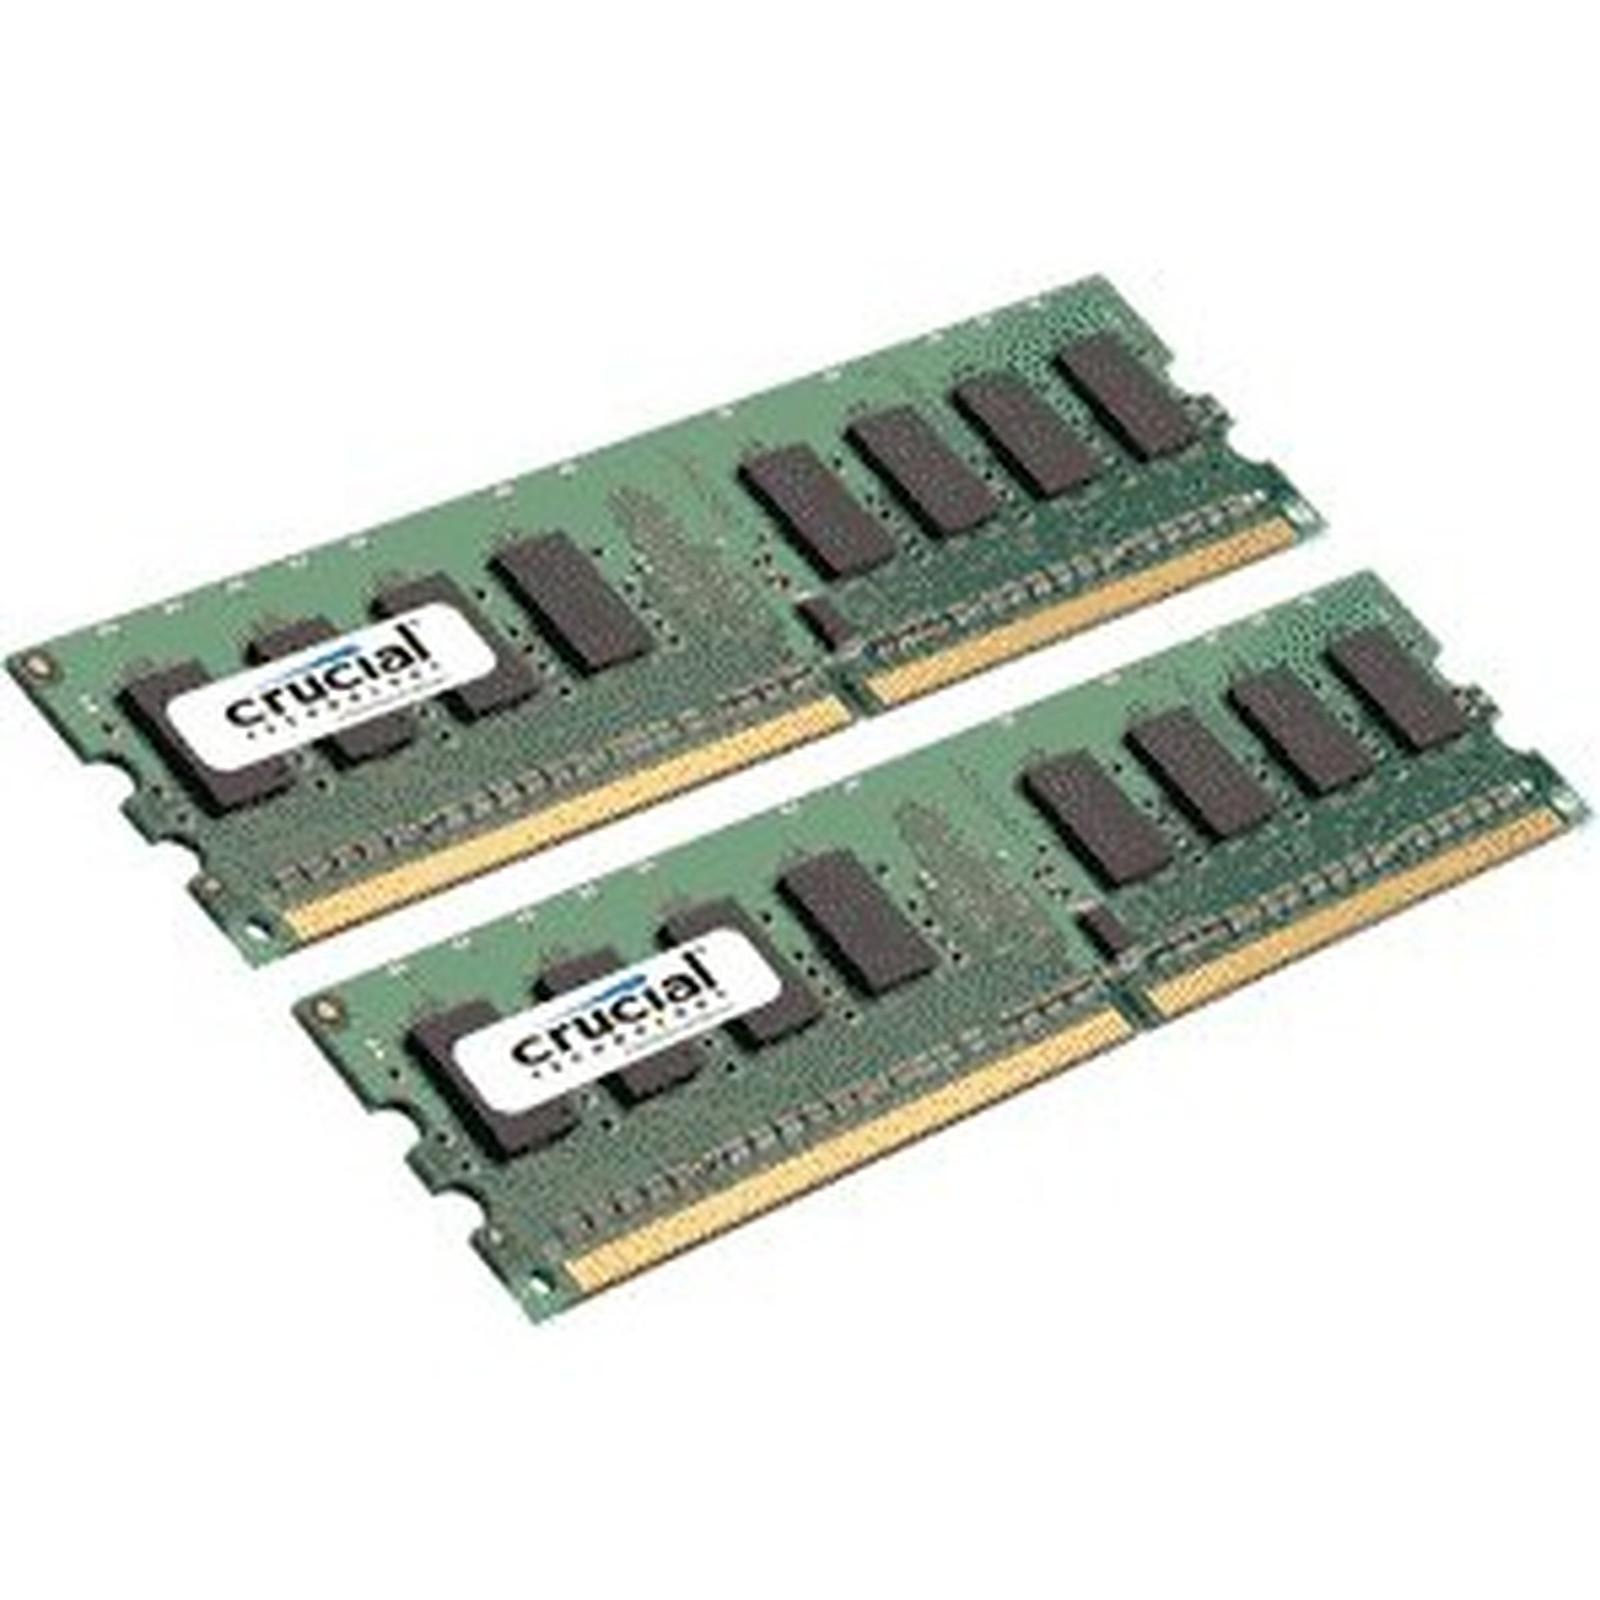 Crucial DDR2 2 Go (2x 1 Go) 667 MHz